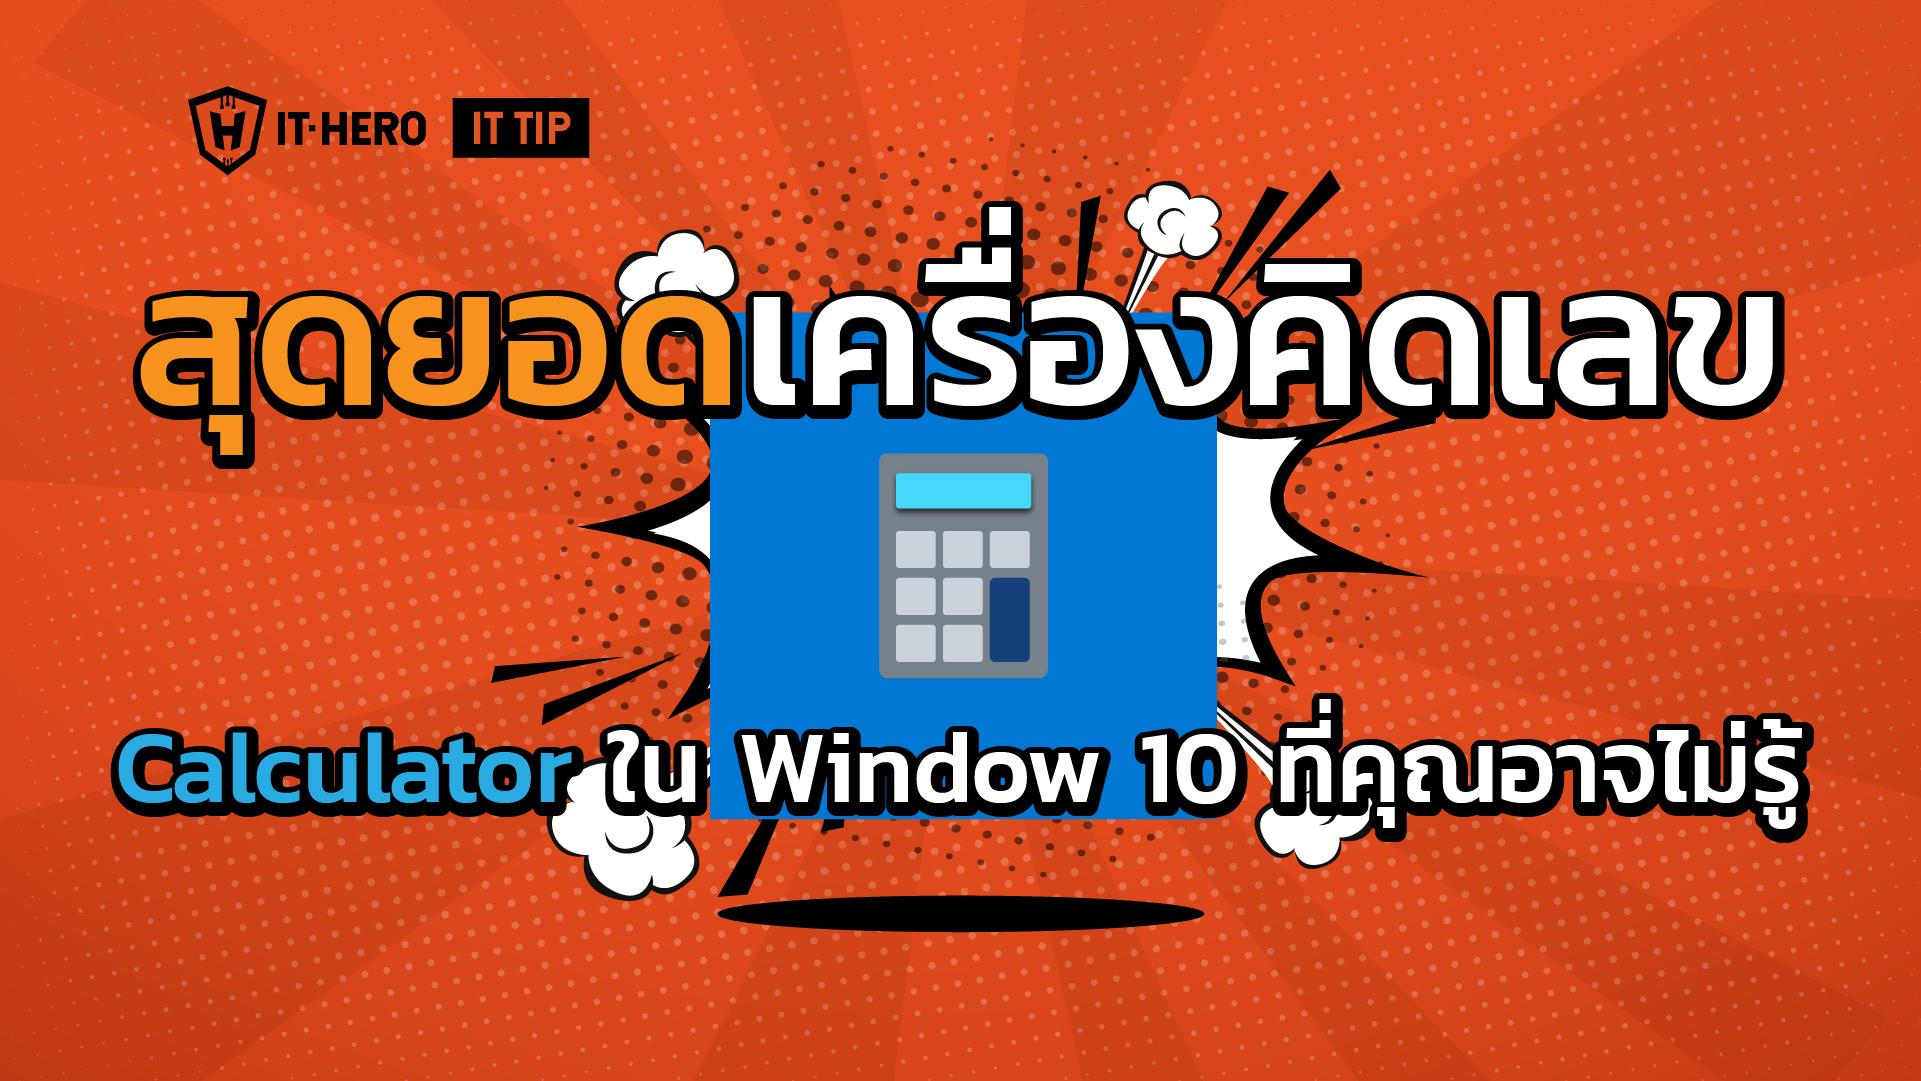 มารู้จักเครื่องคิดเลขใน Windows 10  Calculator ที่คุ้นอาจไม่เคยรู้จักมาก่อน